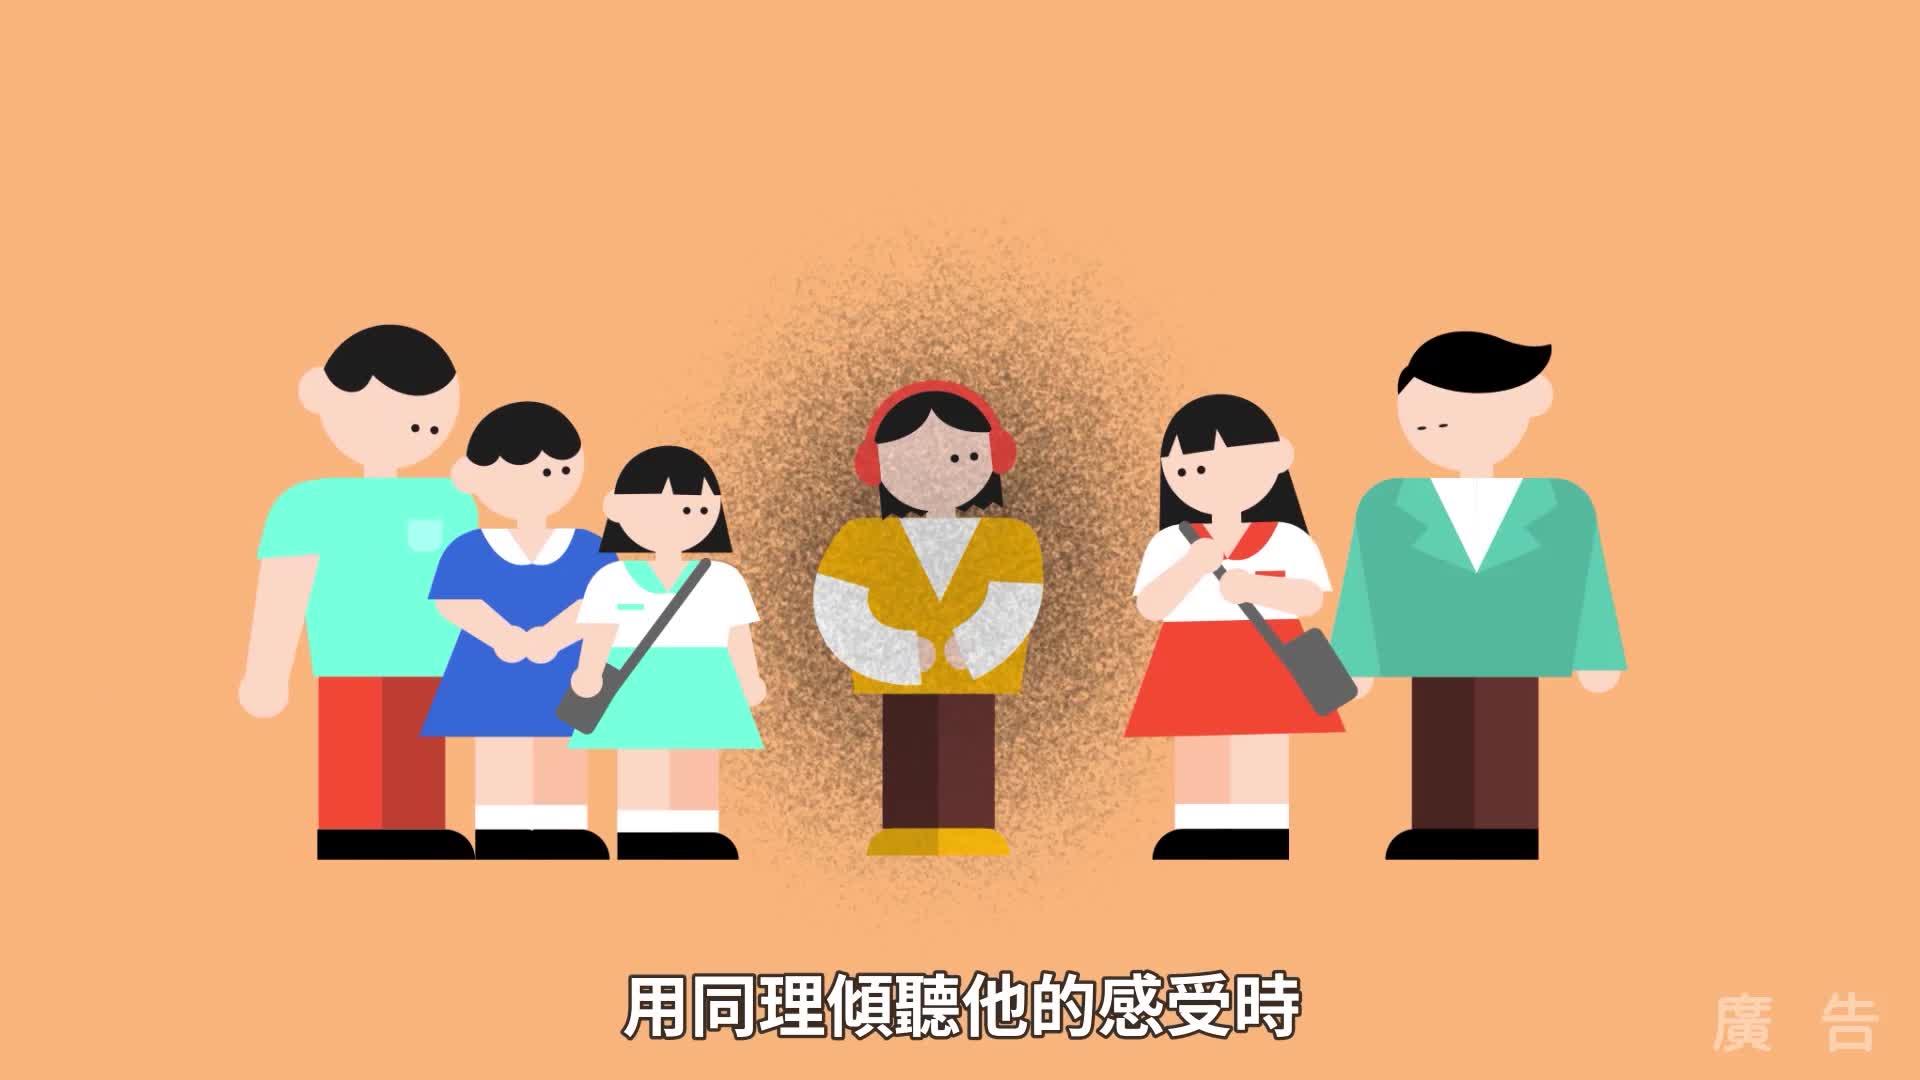 (30秒完整版)臺北市政府強化社會安全網「友善助人技巧」宣導影片